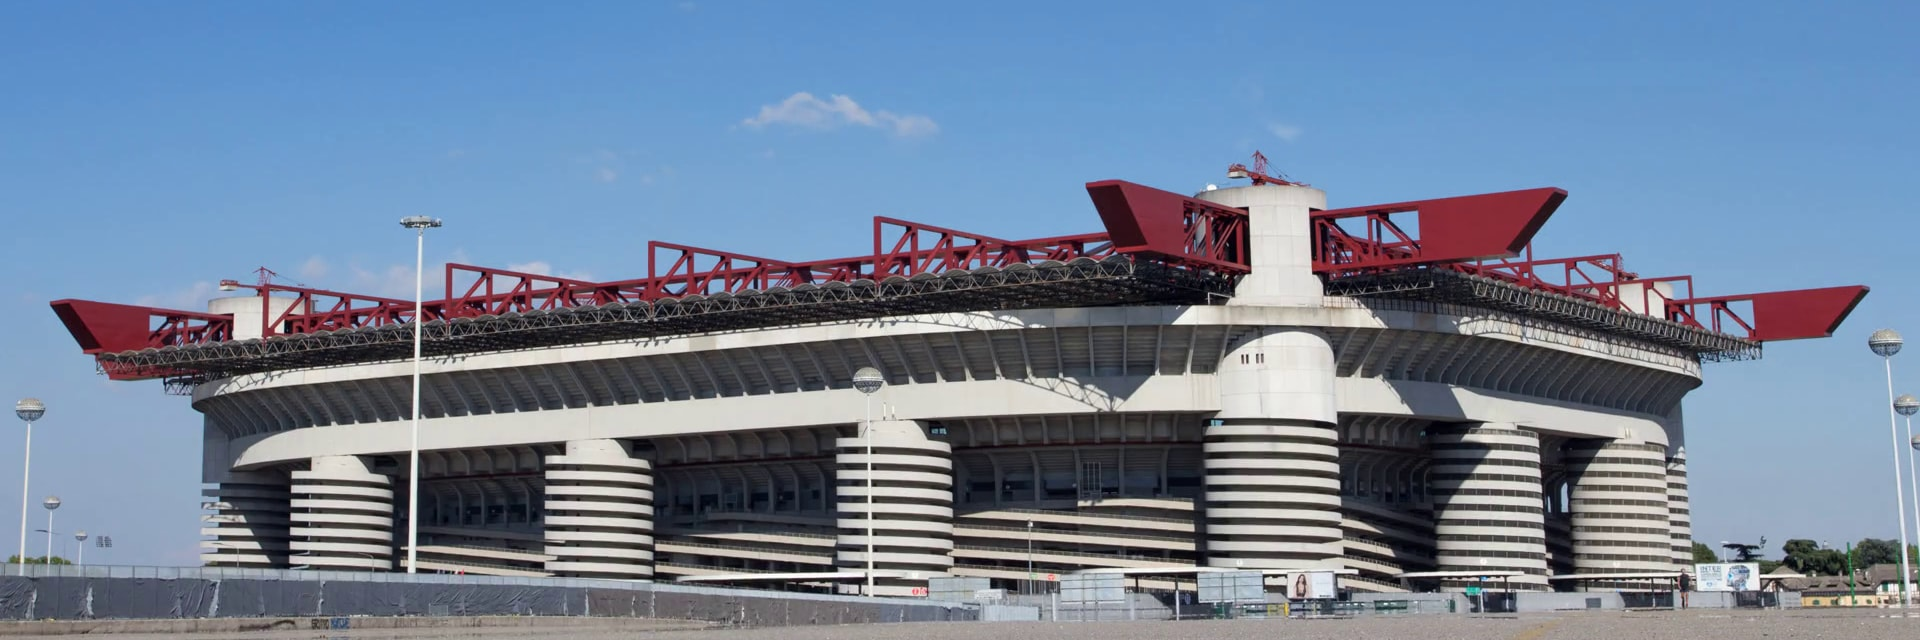 AC Milan - Juventus FC, 0 Aprilat 0:00